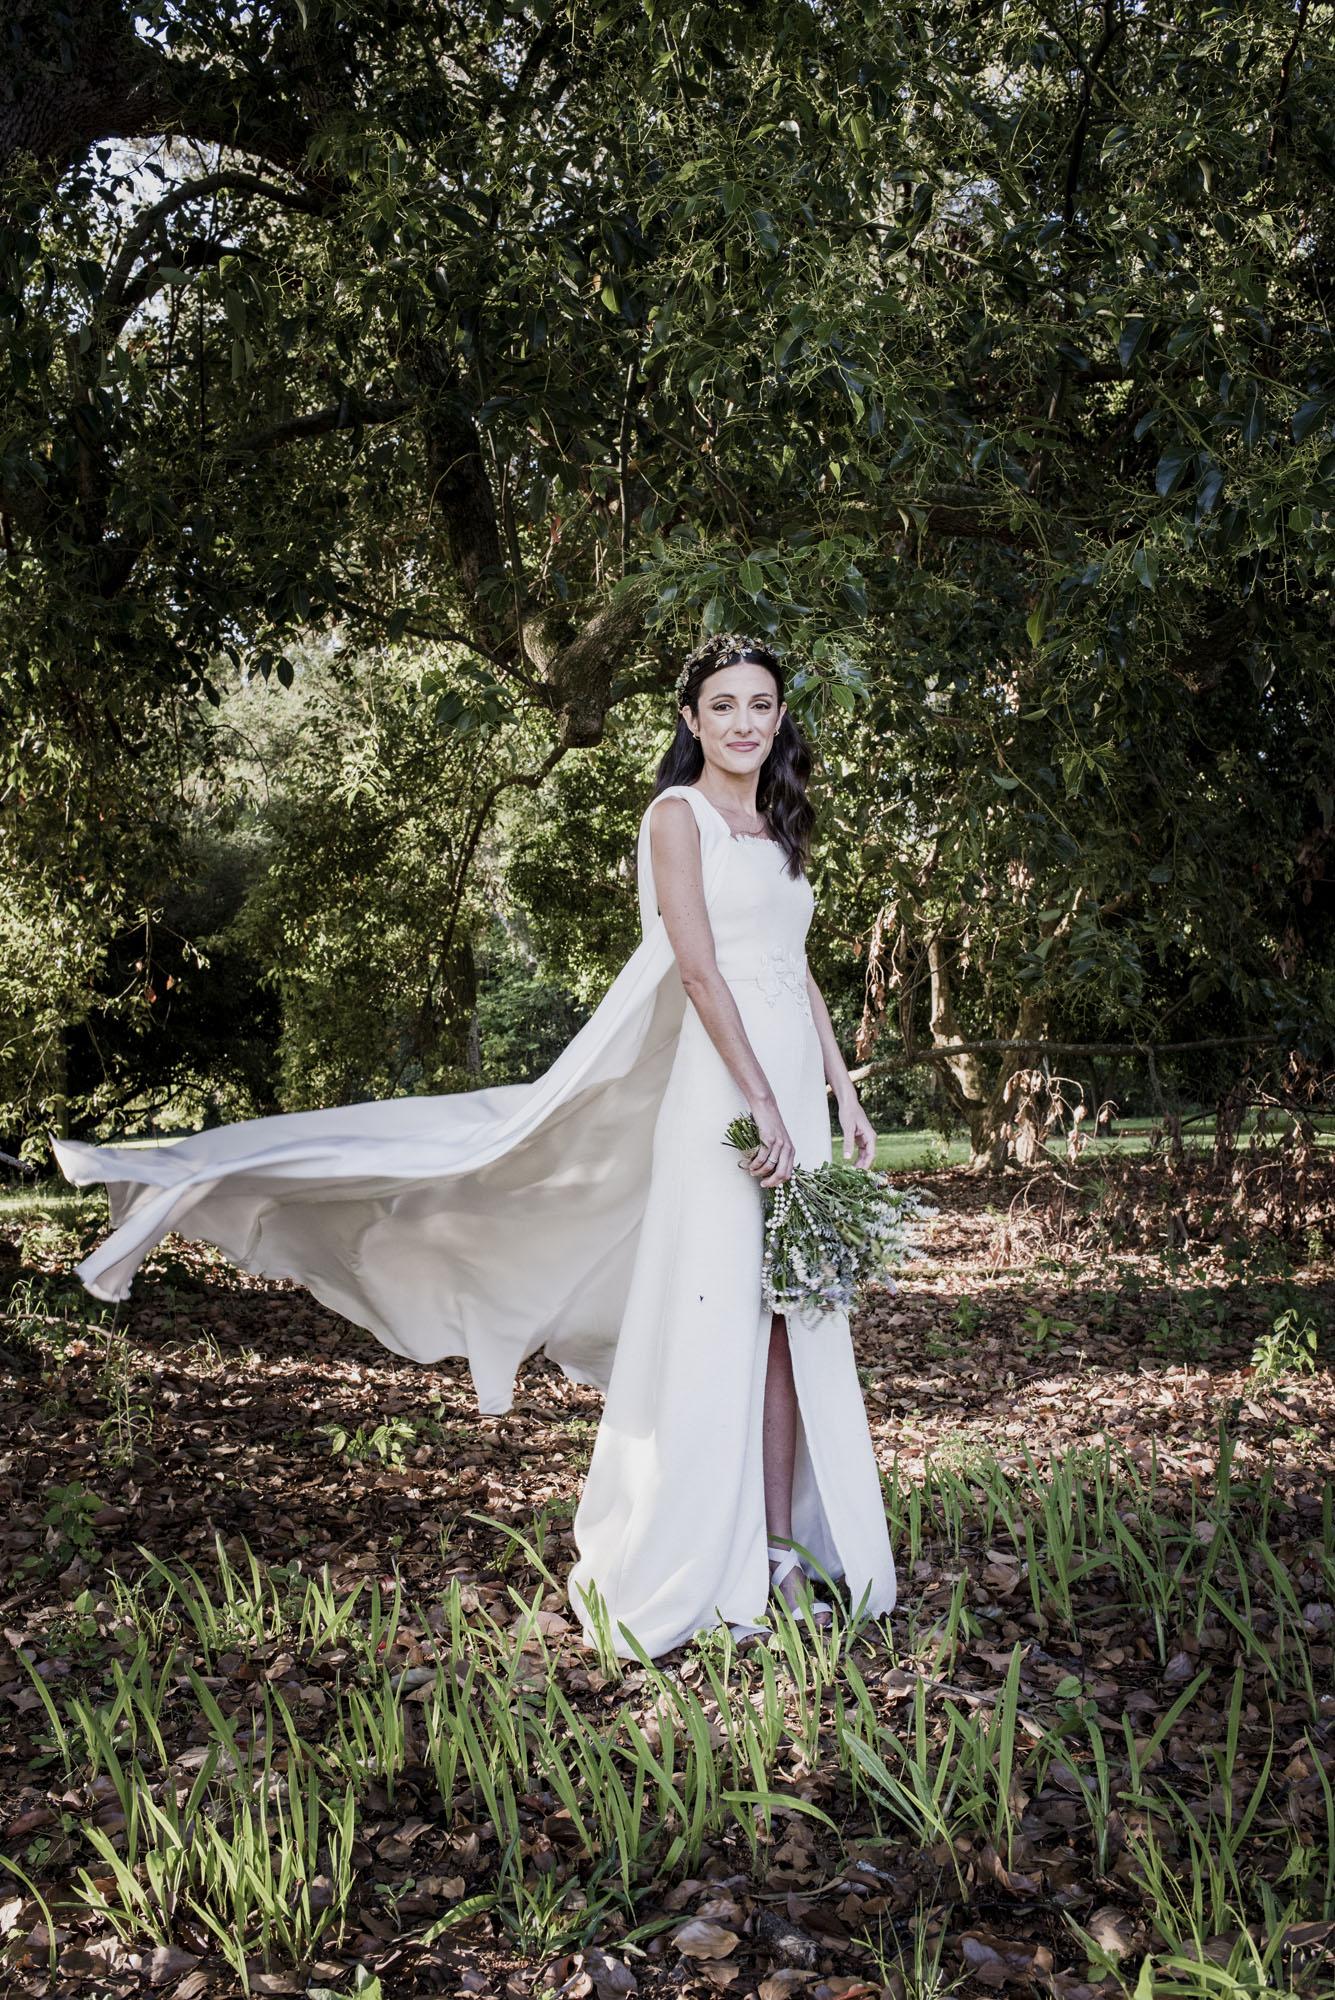 Un casamiento en una estancia argentina novia Lucrecia Grassi